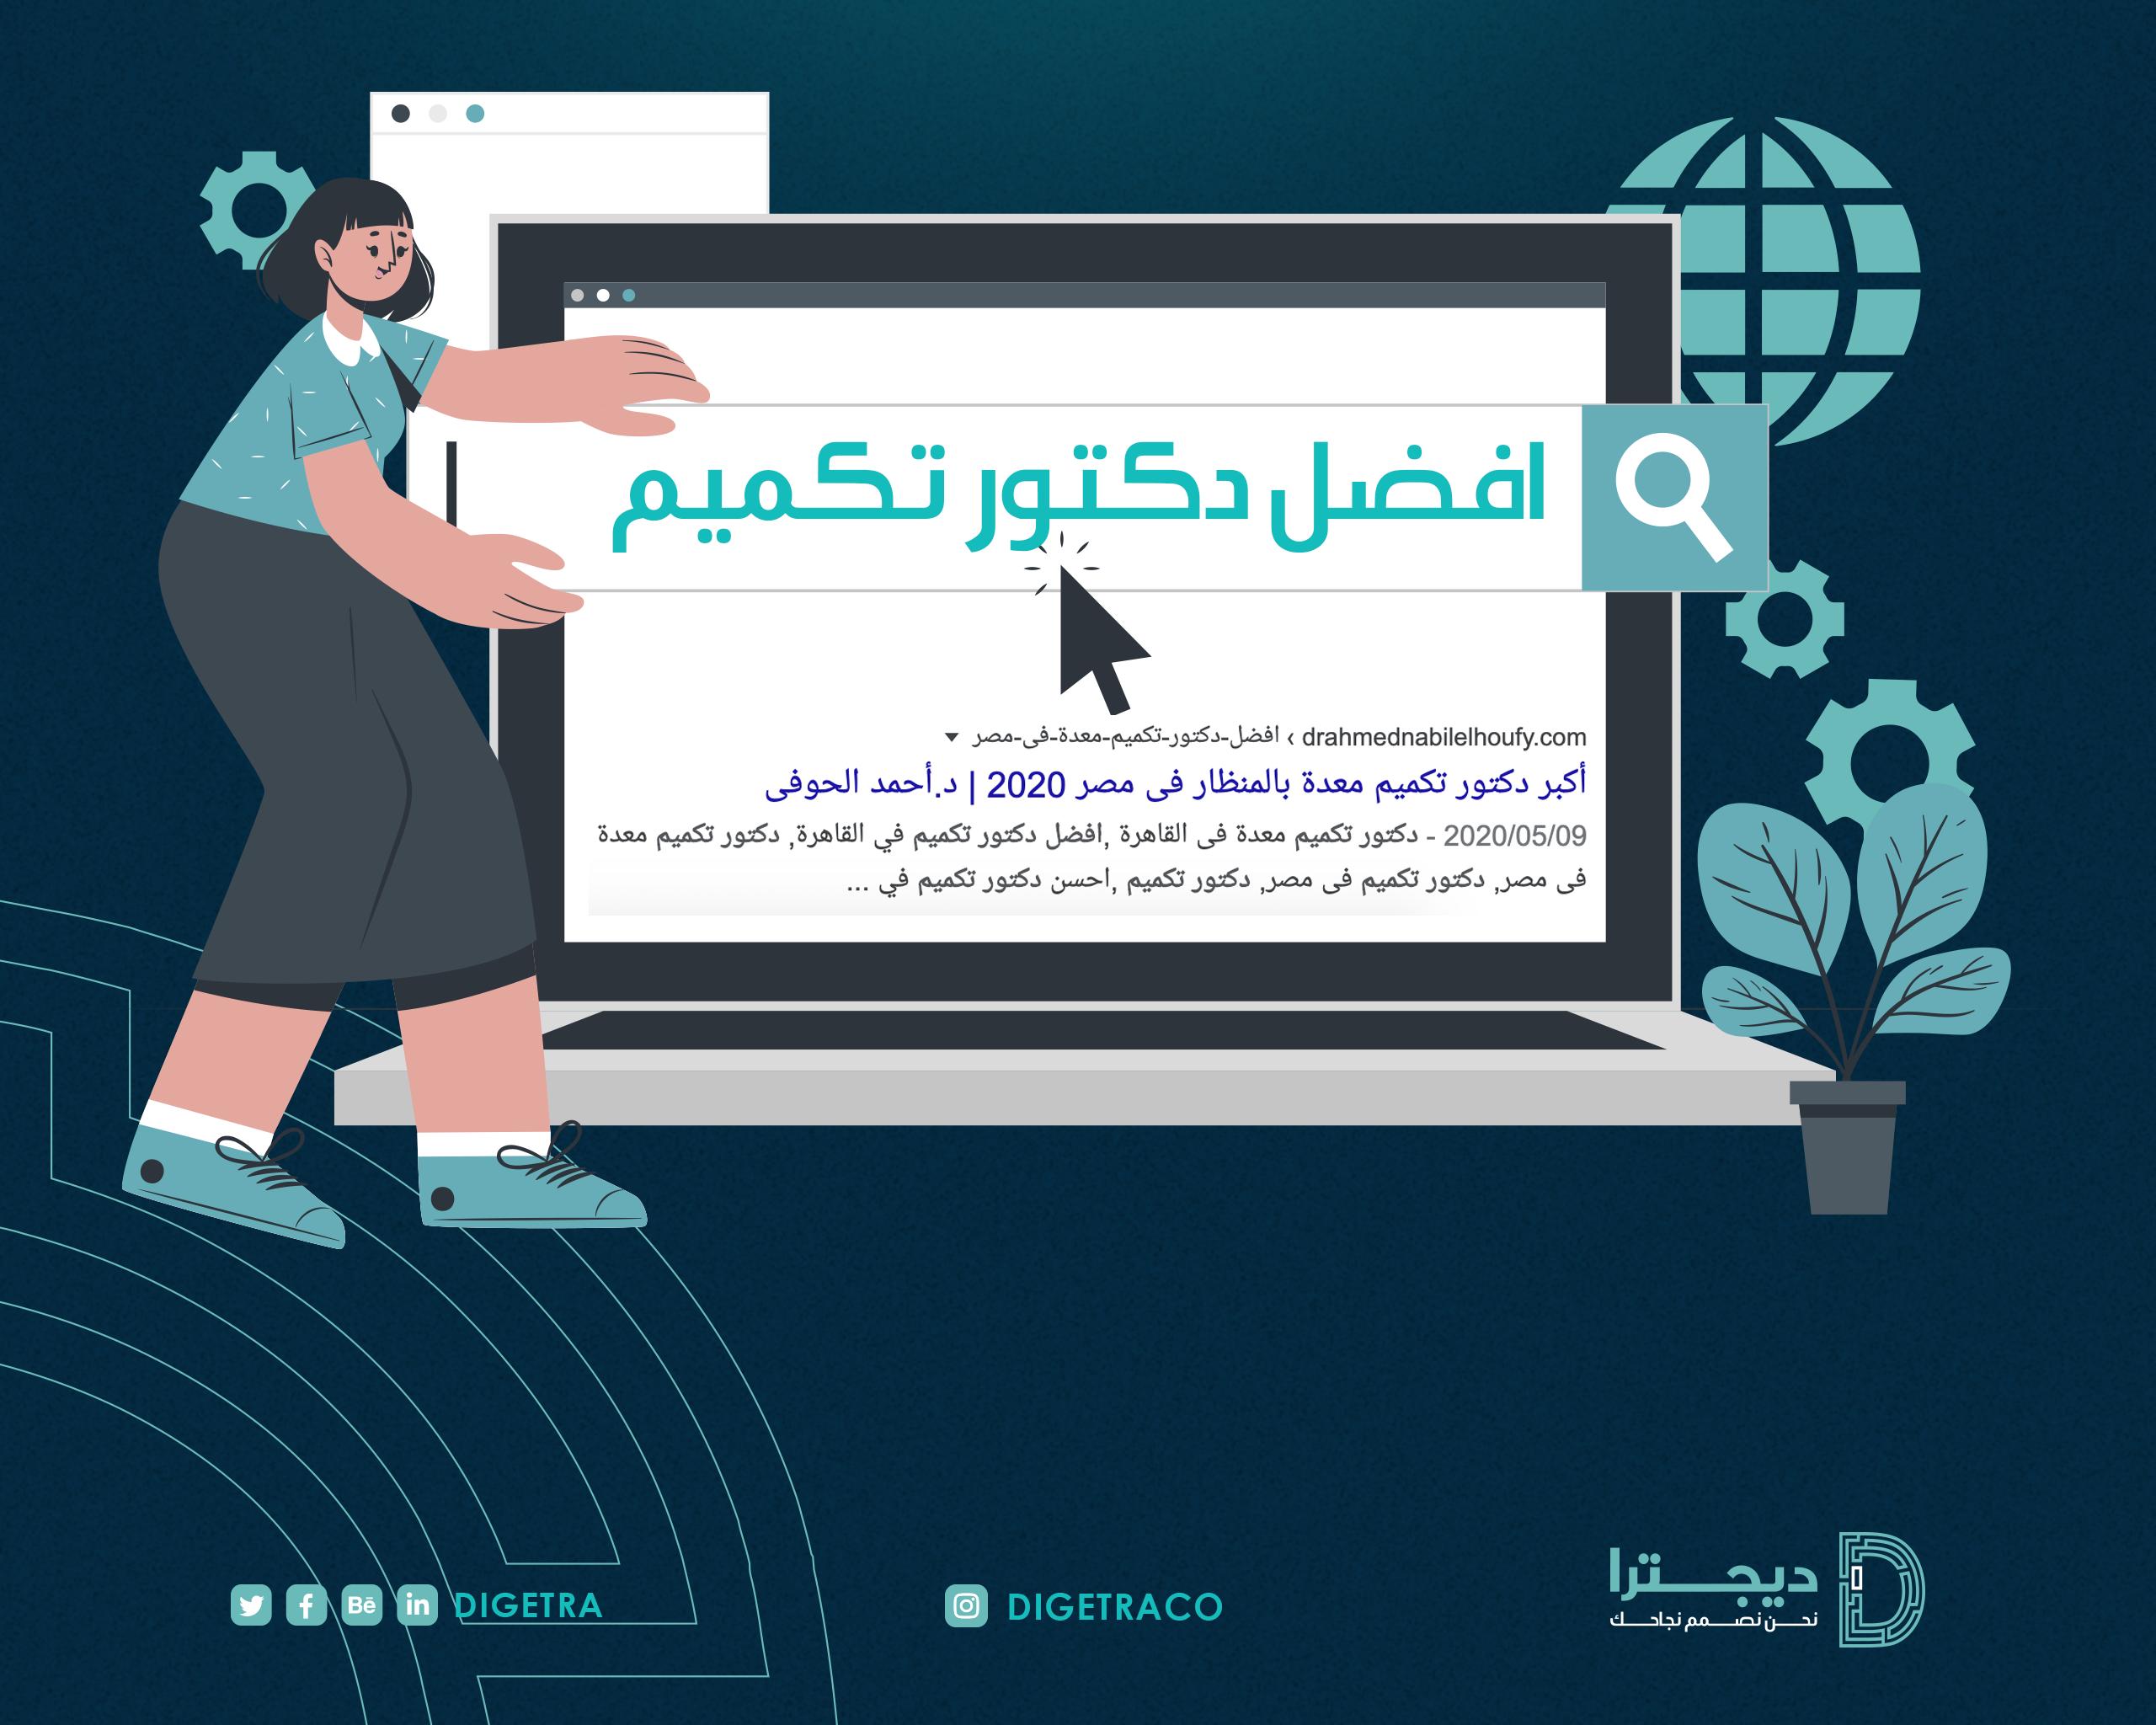 موقع الدكتور أحمد نبيل الحوفى